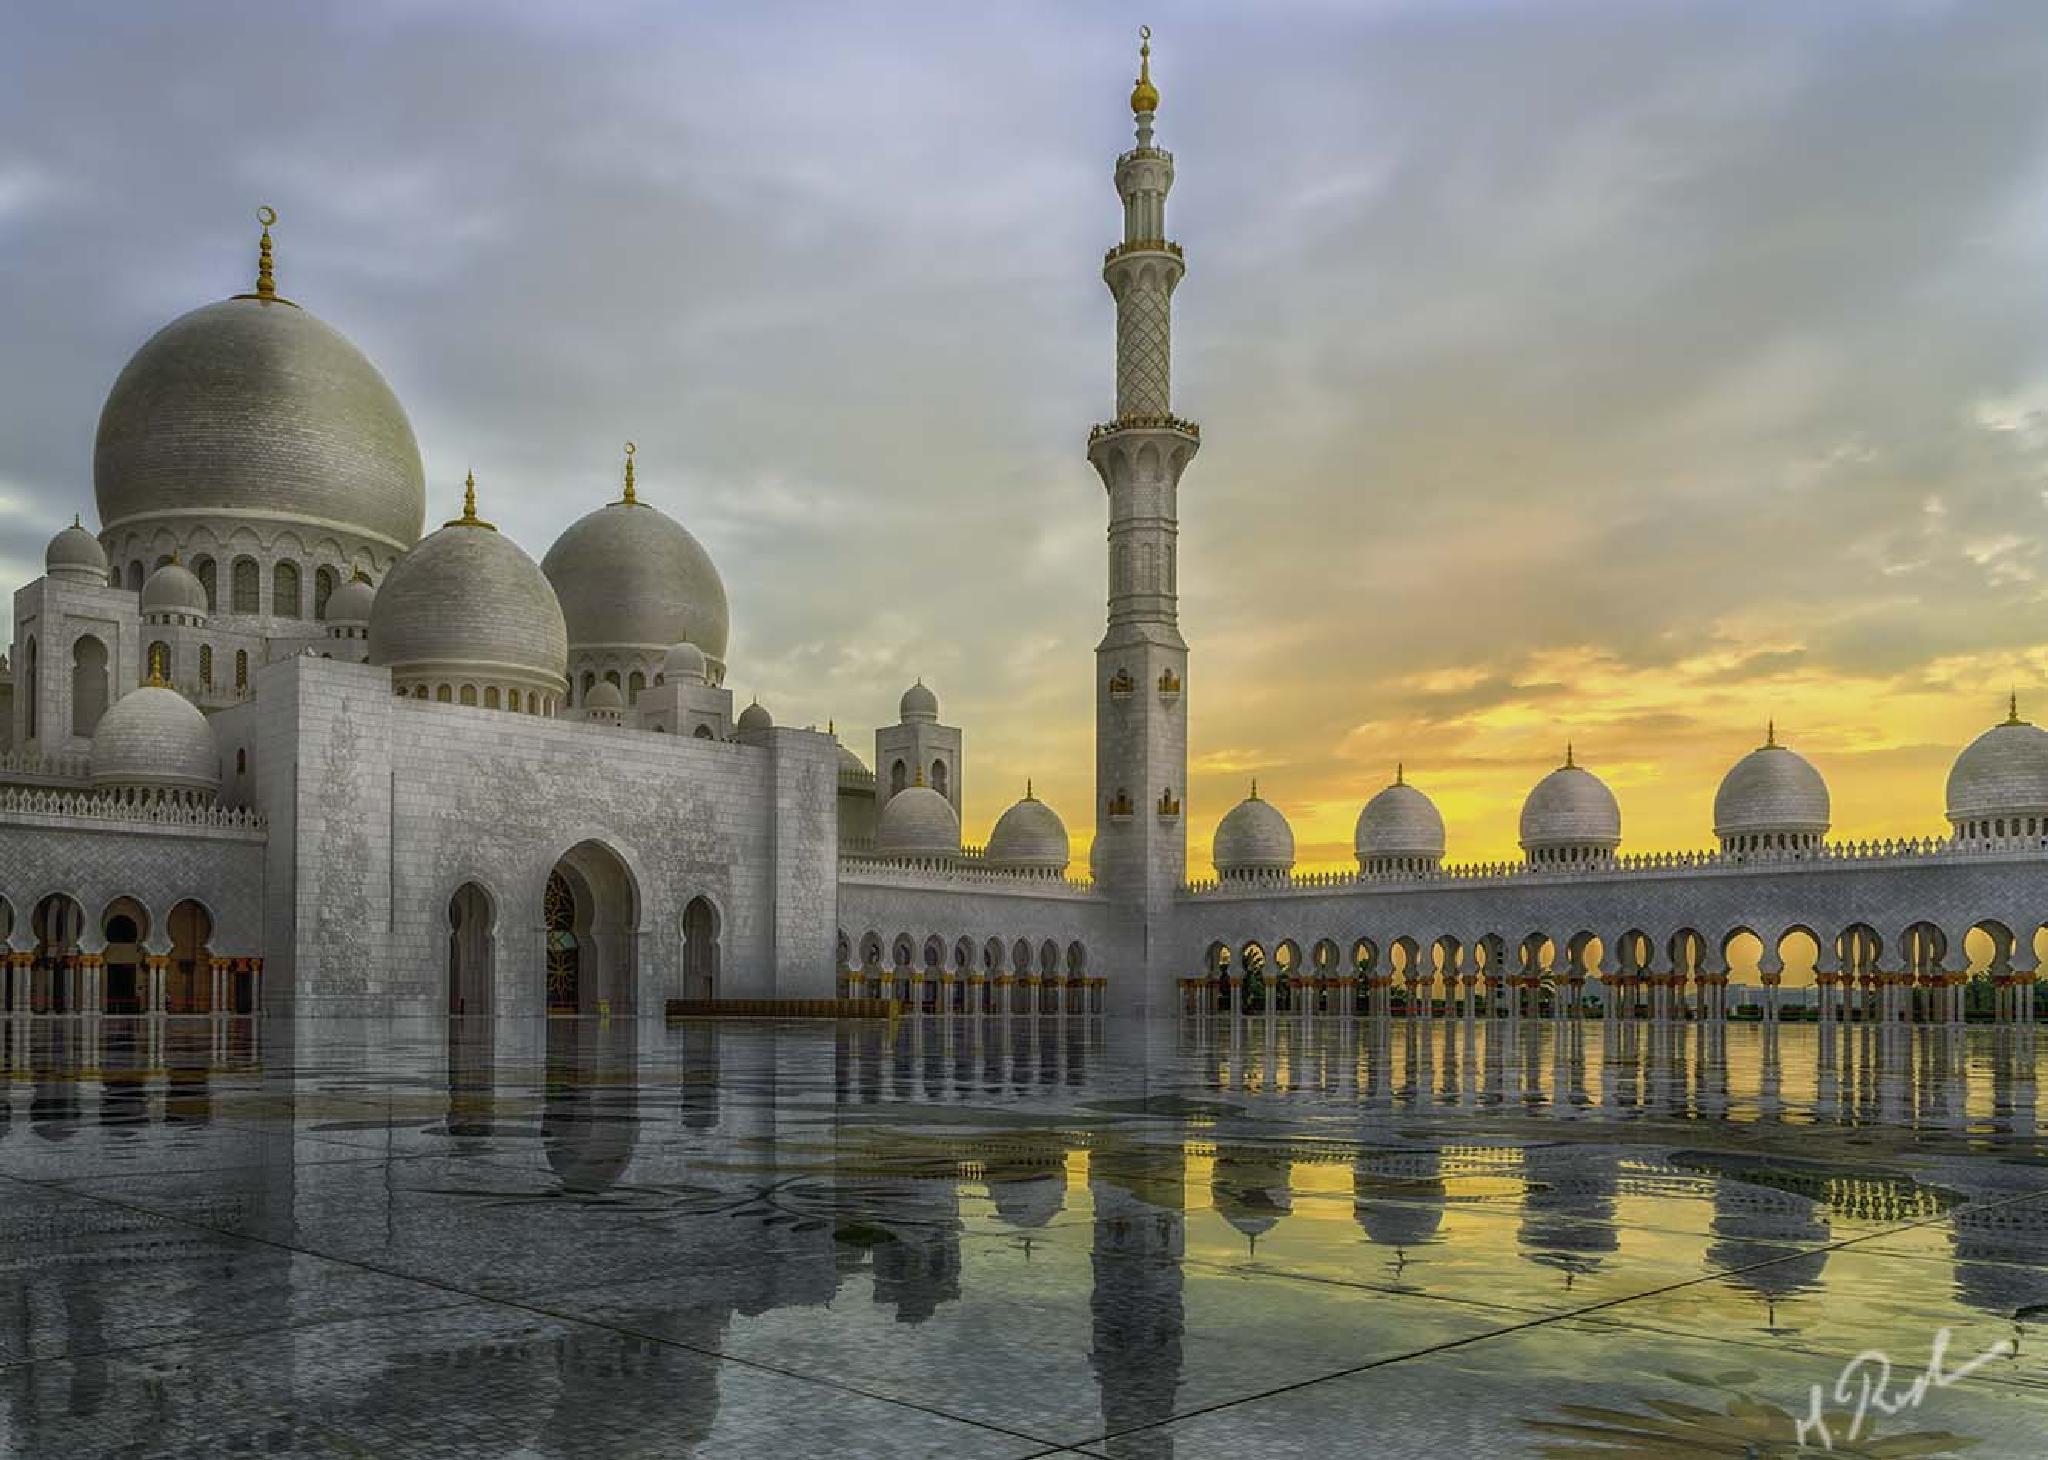 Sheikh Zayed Grand Mosque by Rustam Azmi